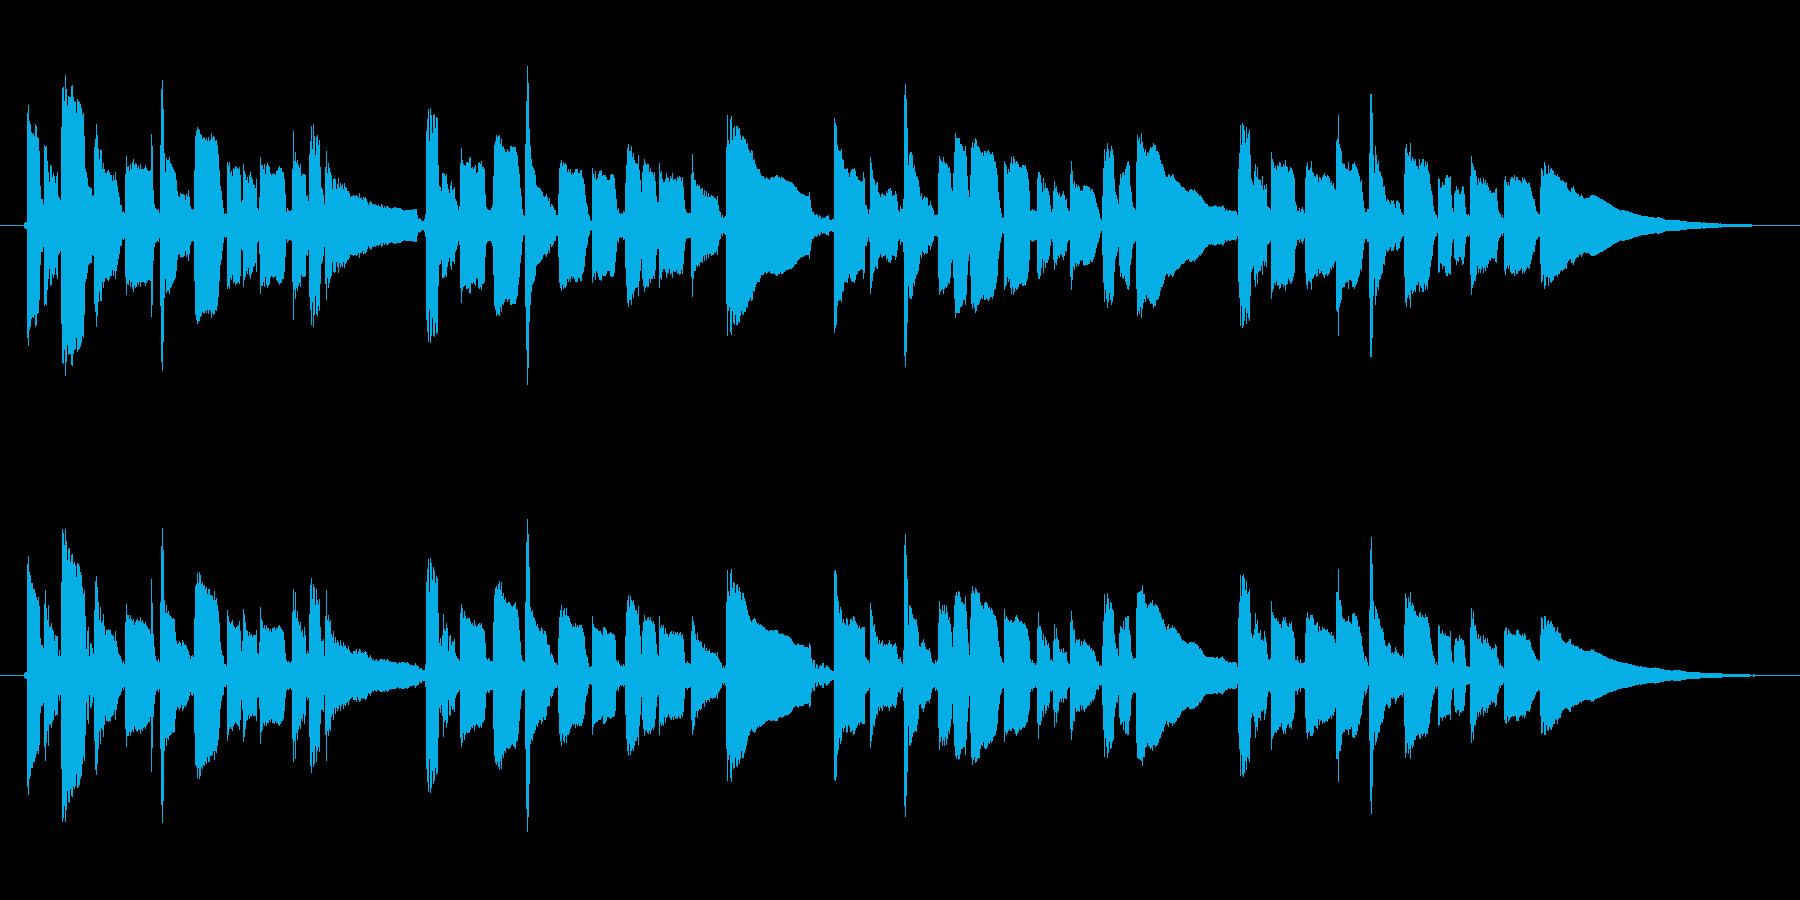 童謡 こいのぼり 鯉のぼり アコギ 5月の再生済みの波形